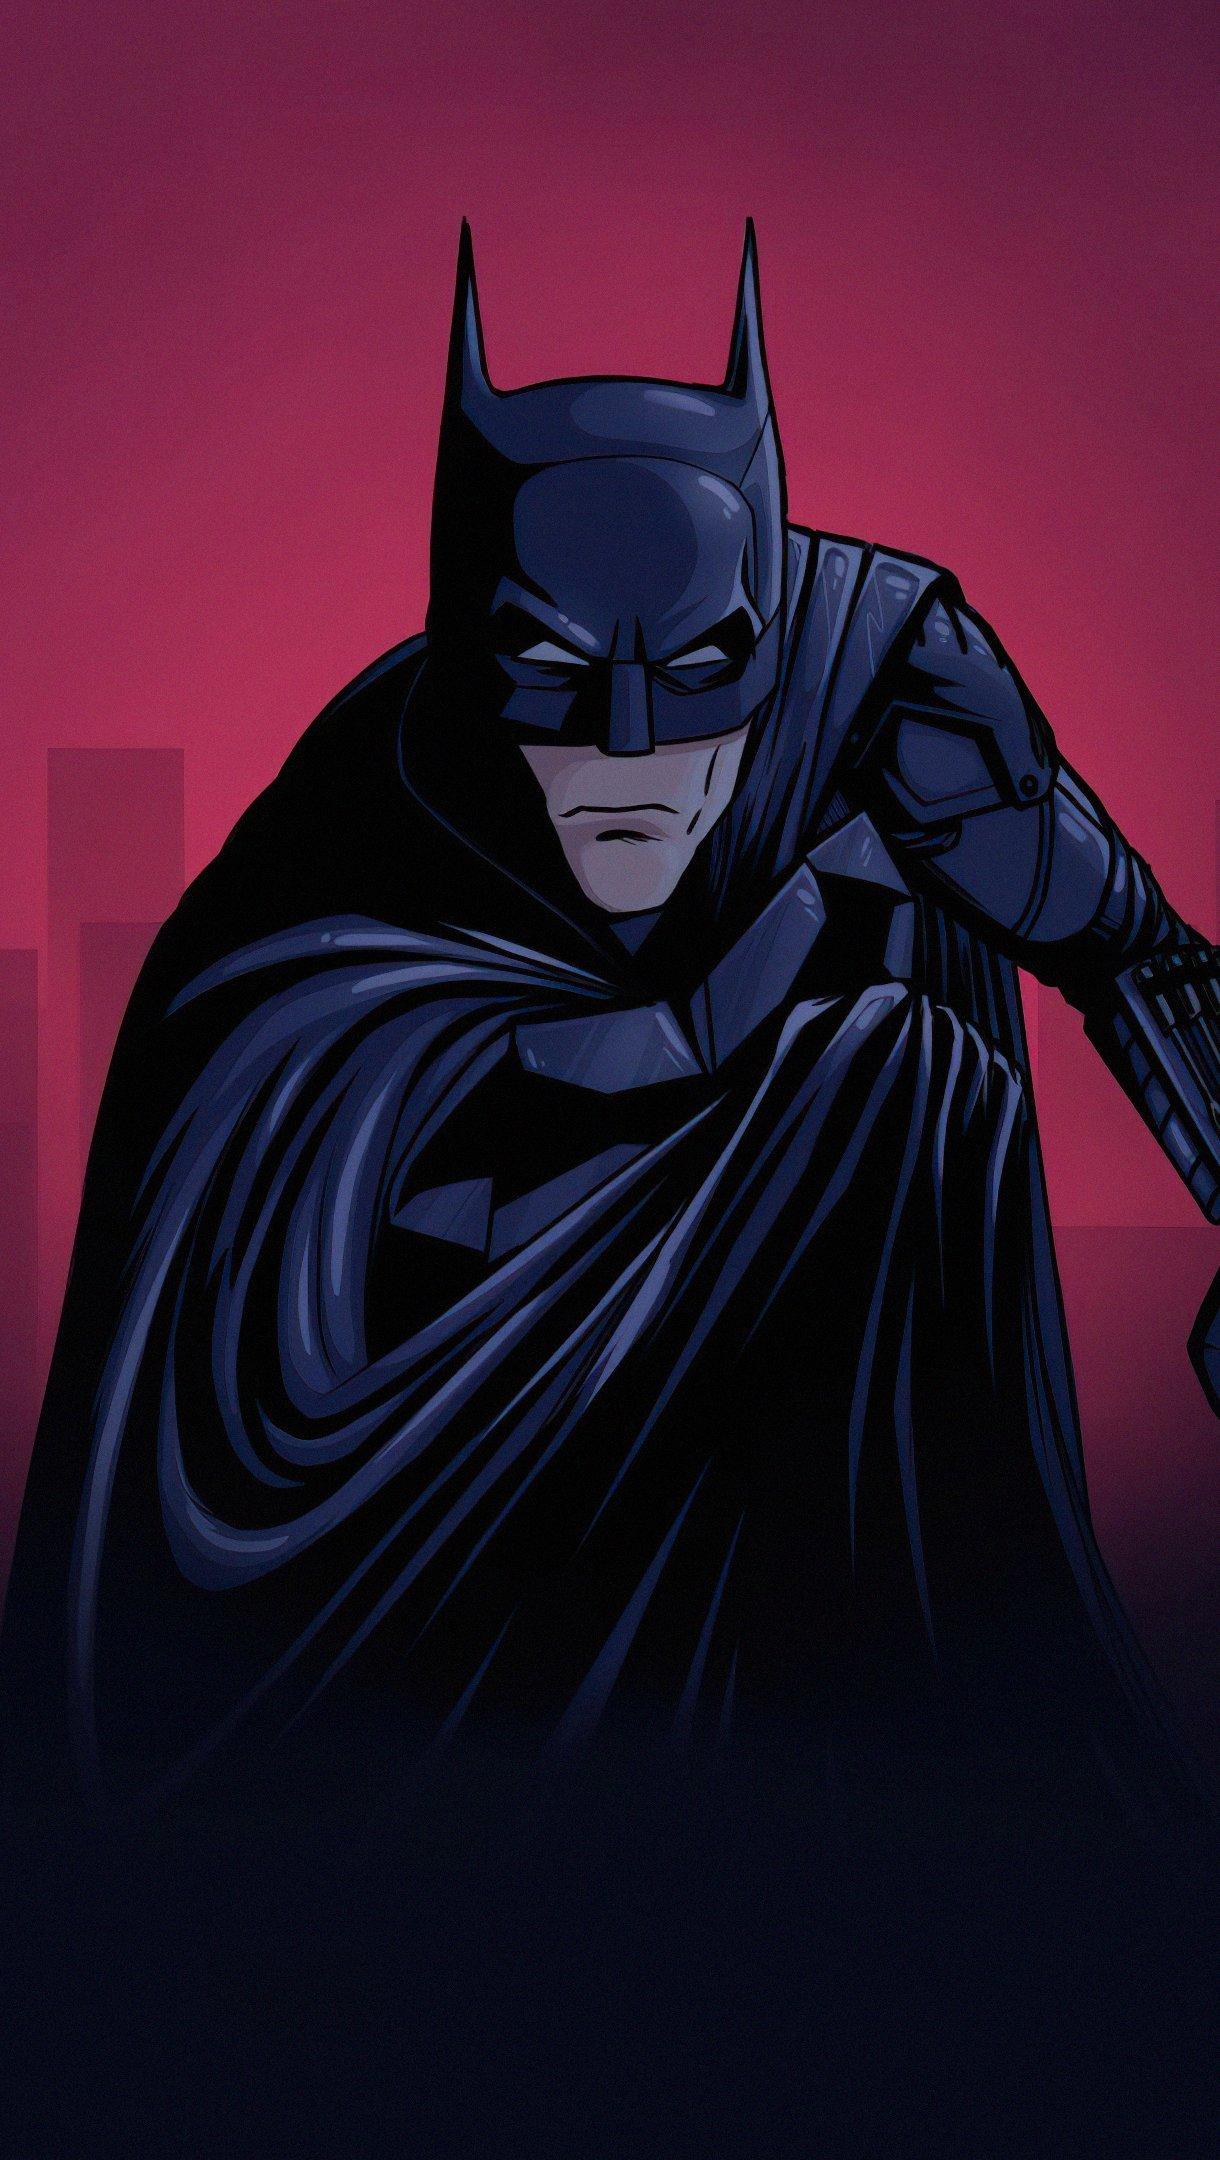 Fondos de pantalla Batman Dibujo Vertical